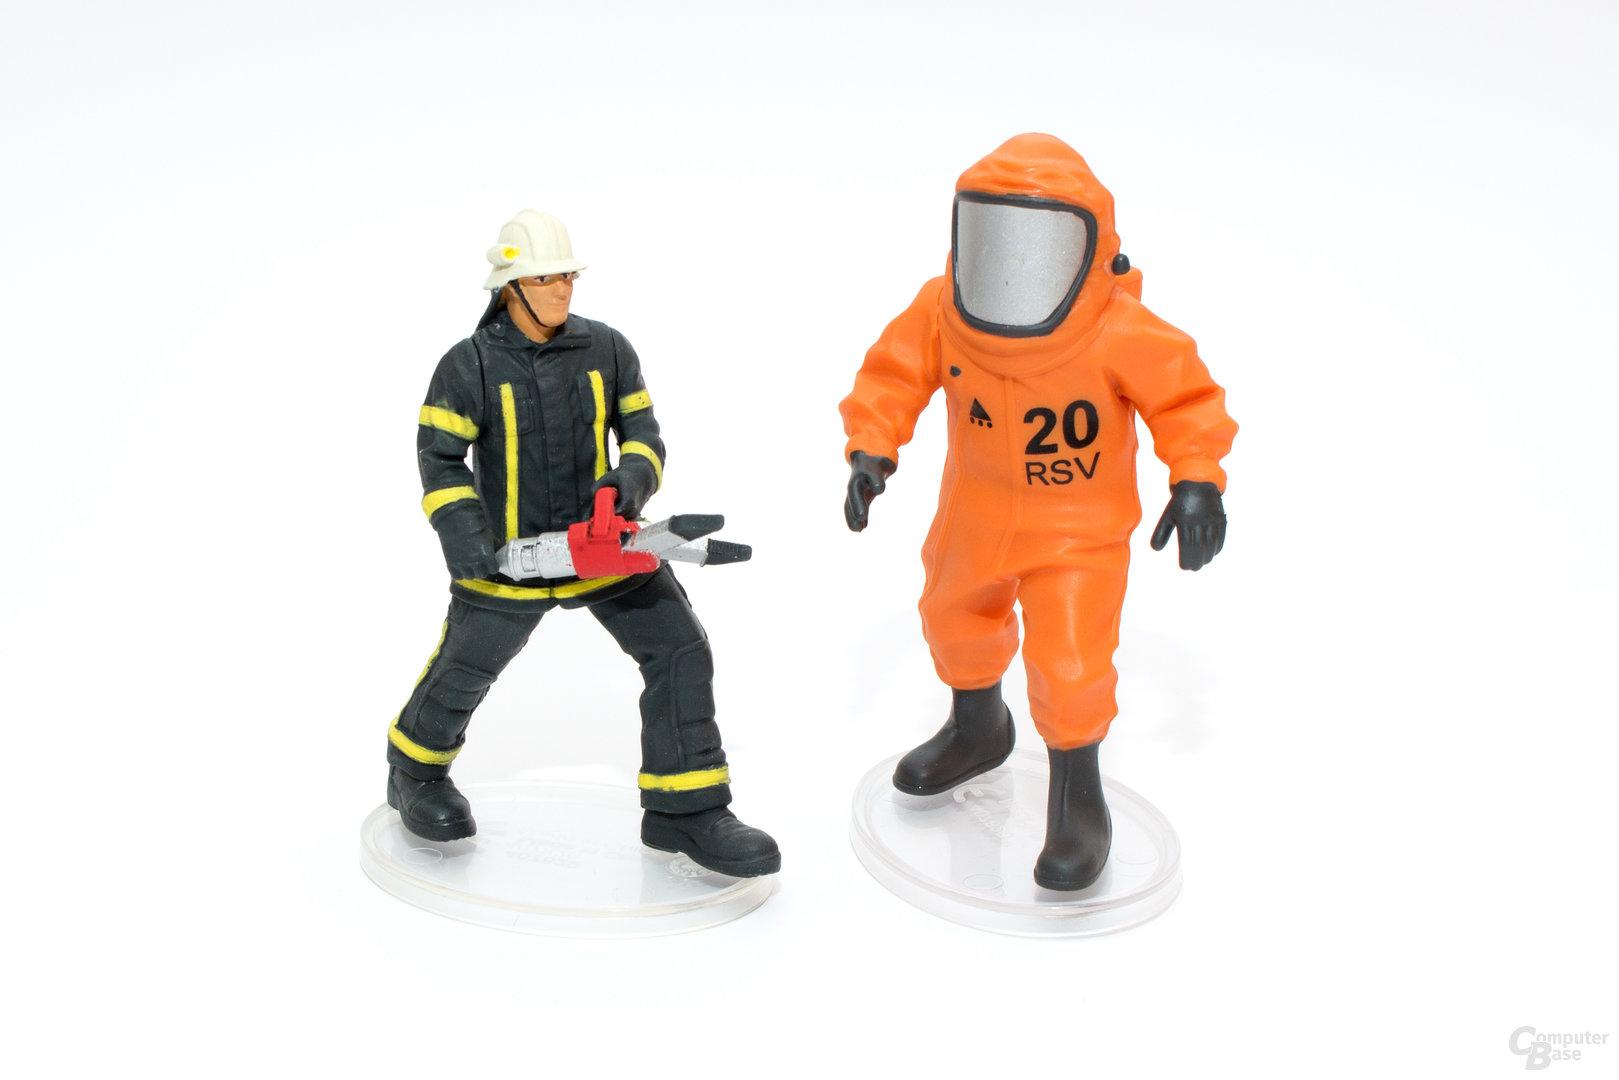 Feuerwehrmann und Einsatzkraft im Schutzanzug – leider nur wenig bewegbar